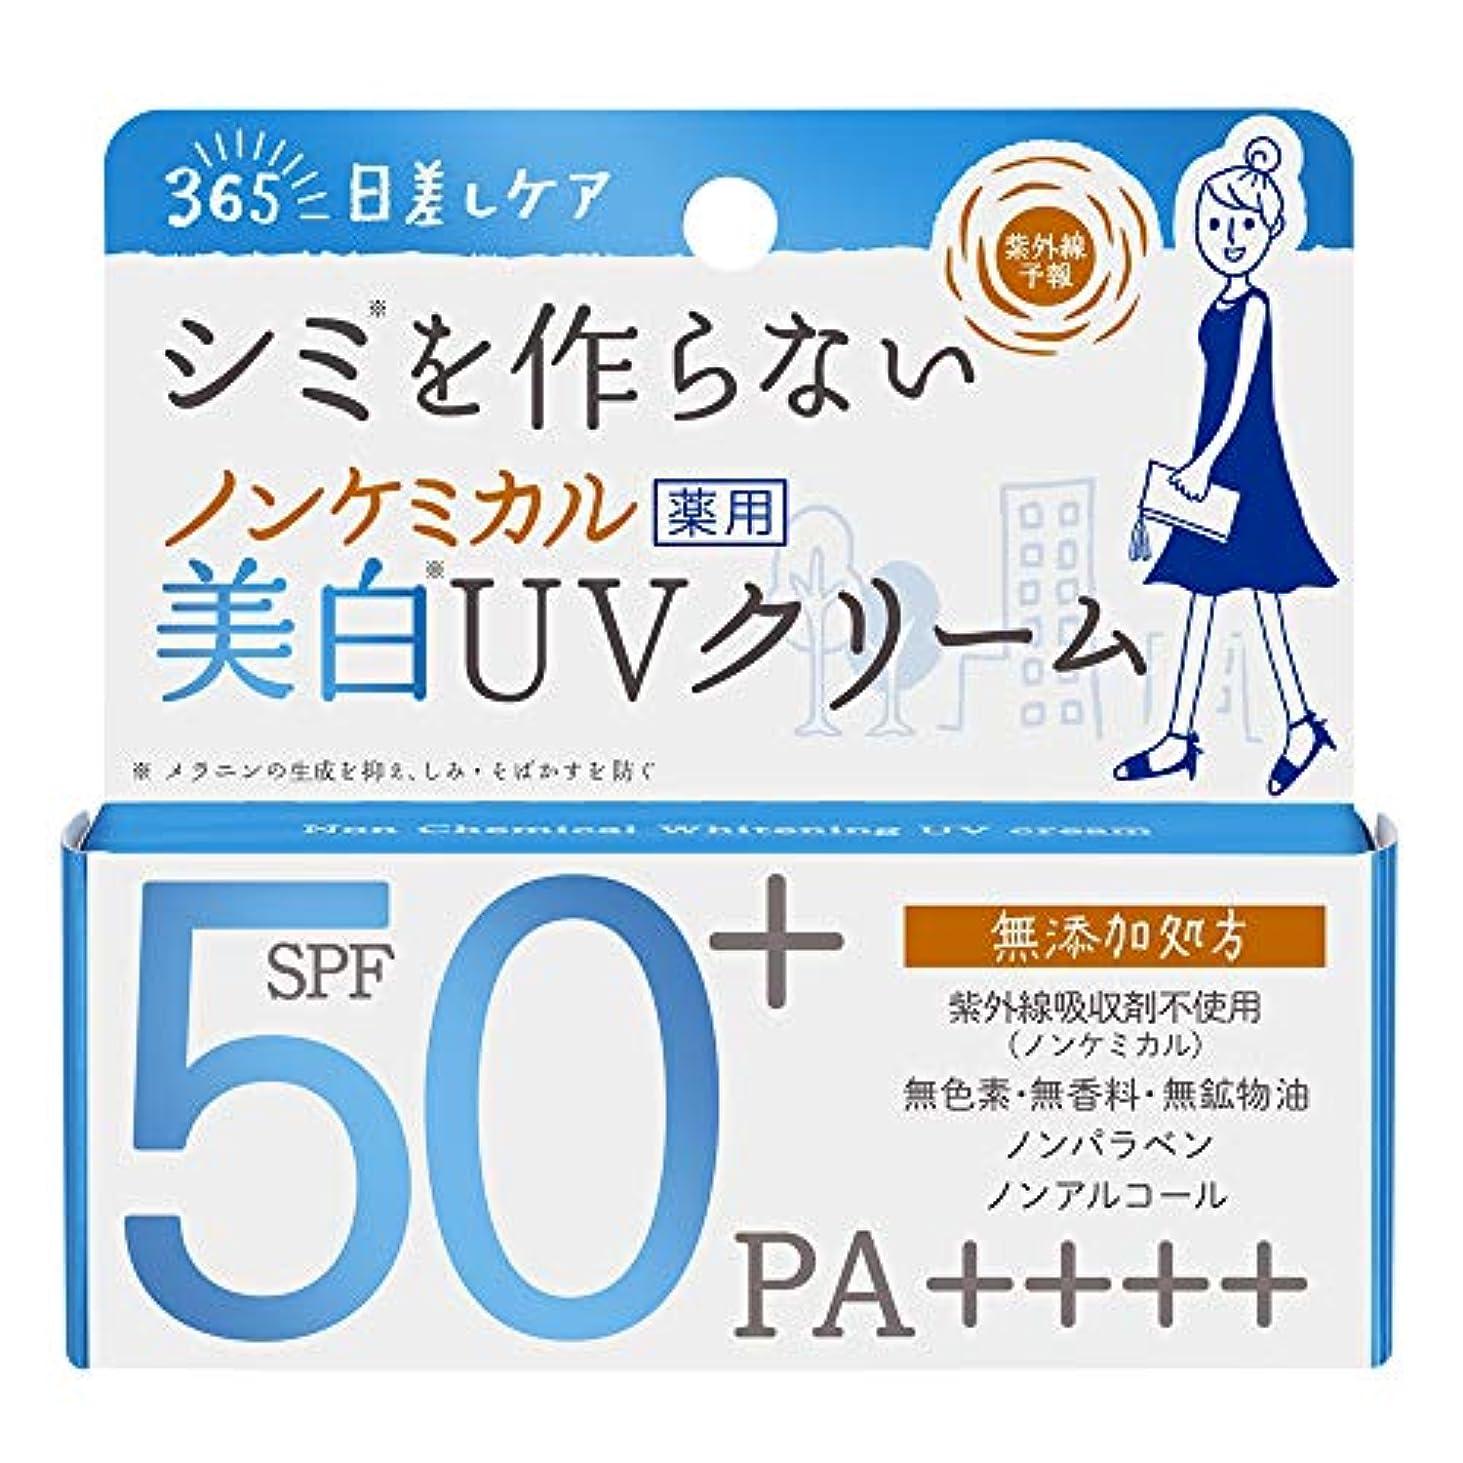 フィクションかろうじてプット紫外線予報 ノンケミカル薬用美白UVクリーム 40g